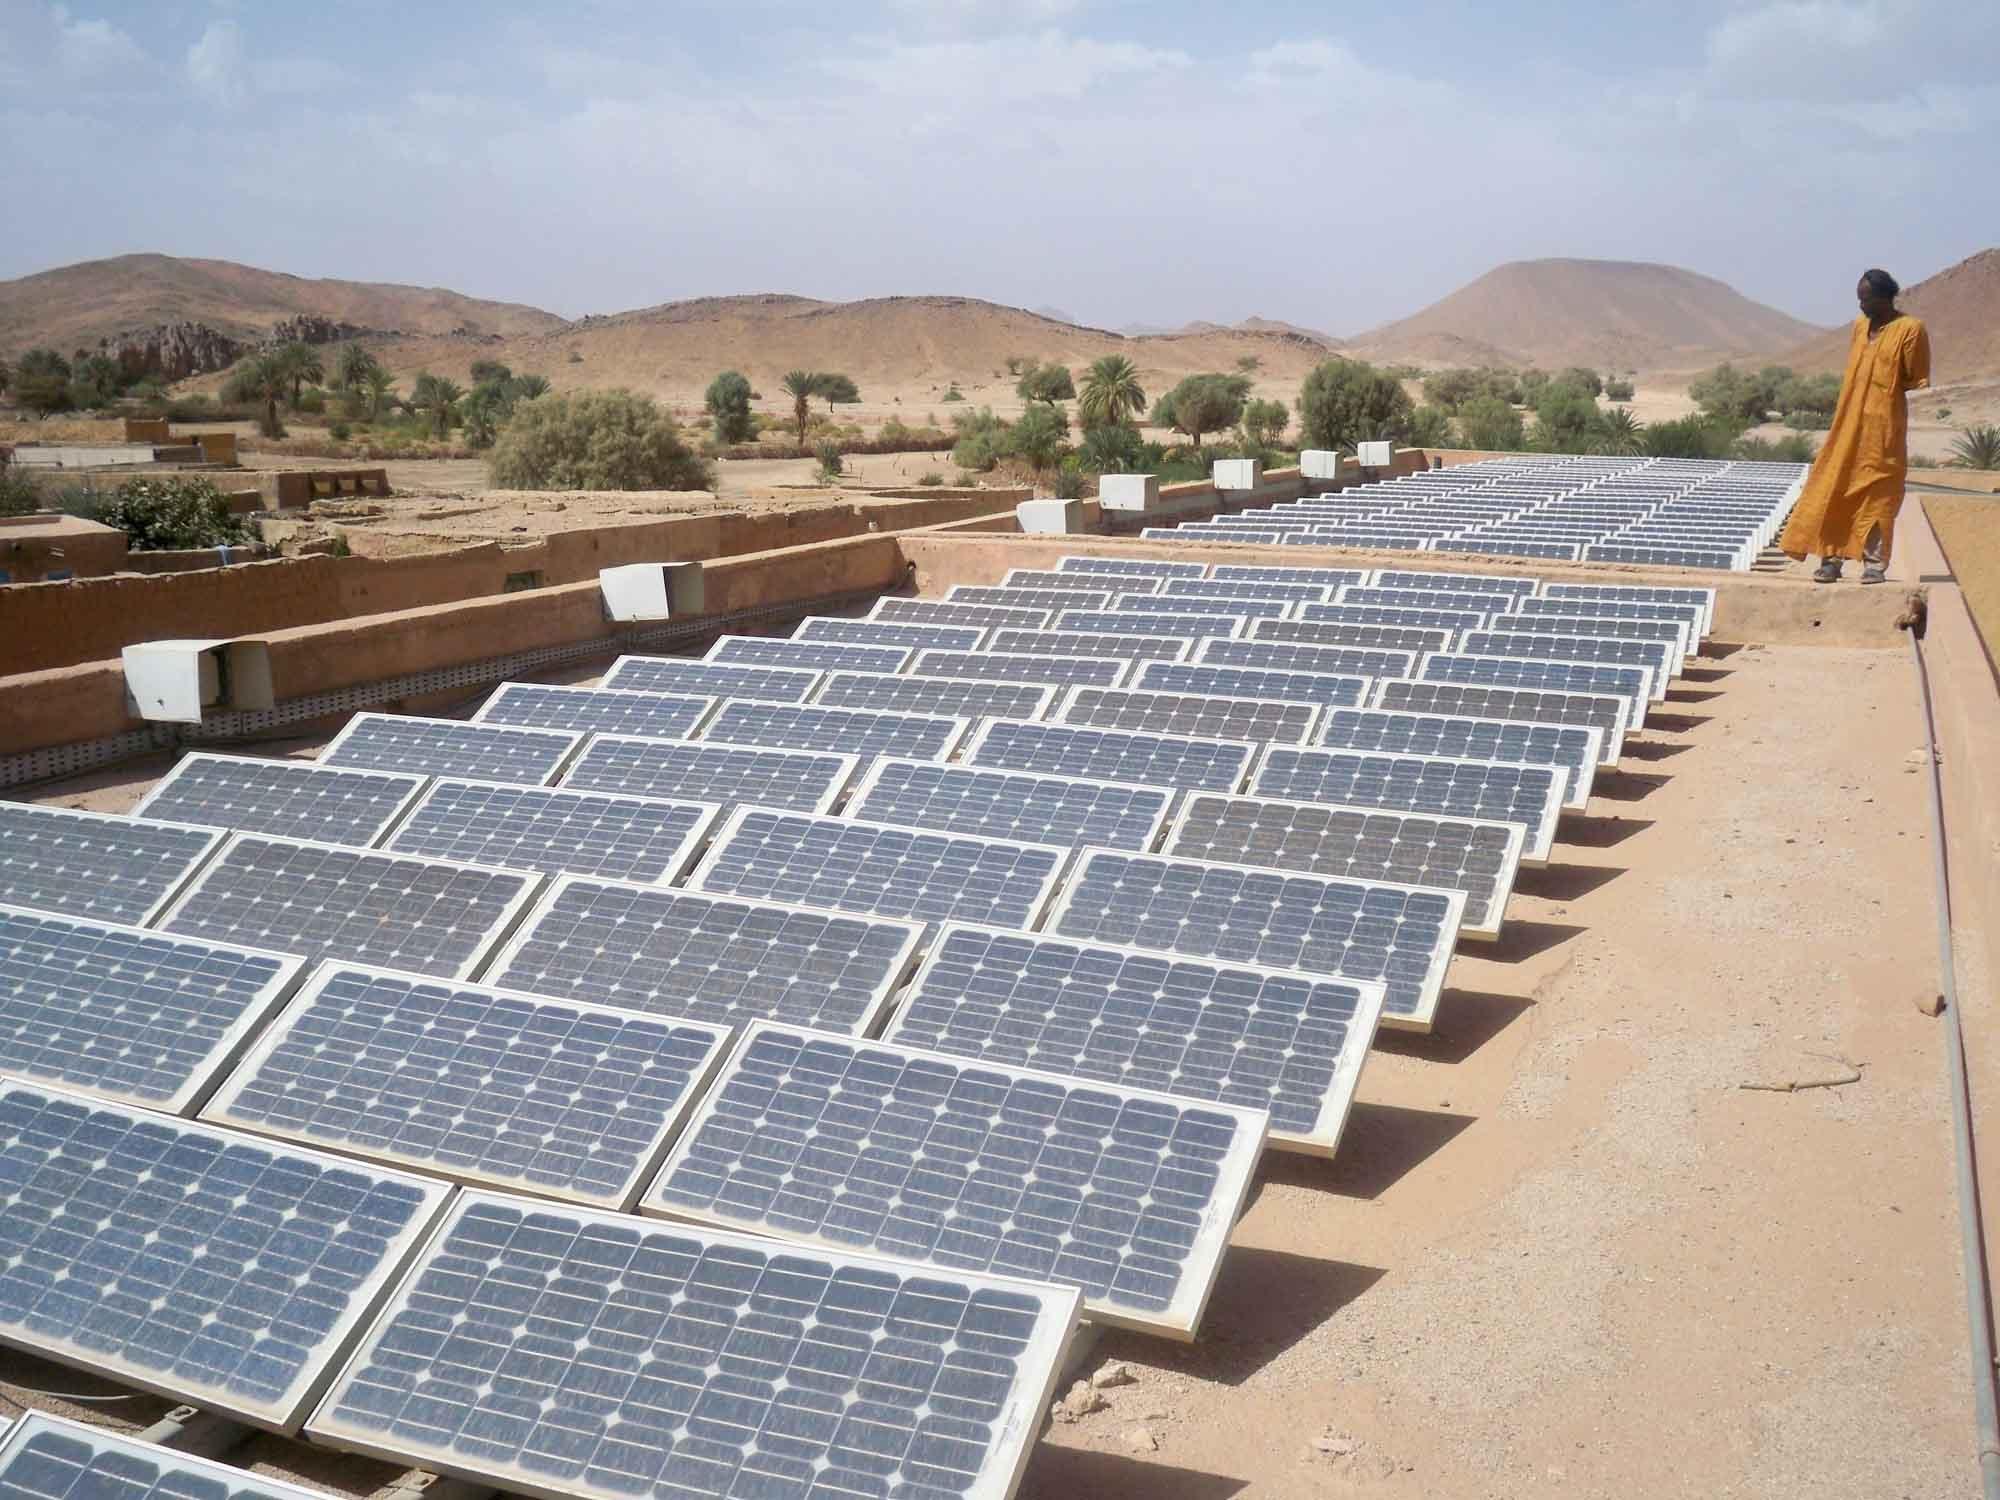 محطة للطاقة الشمسية بالصحراء الجزائرية جنوب.كم